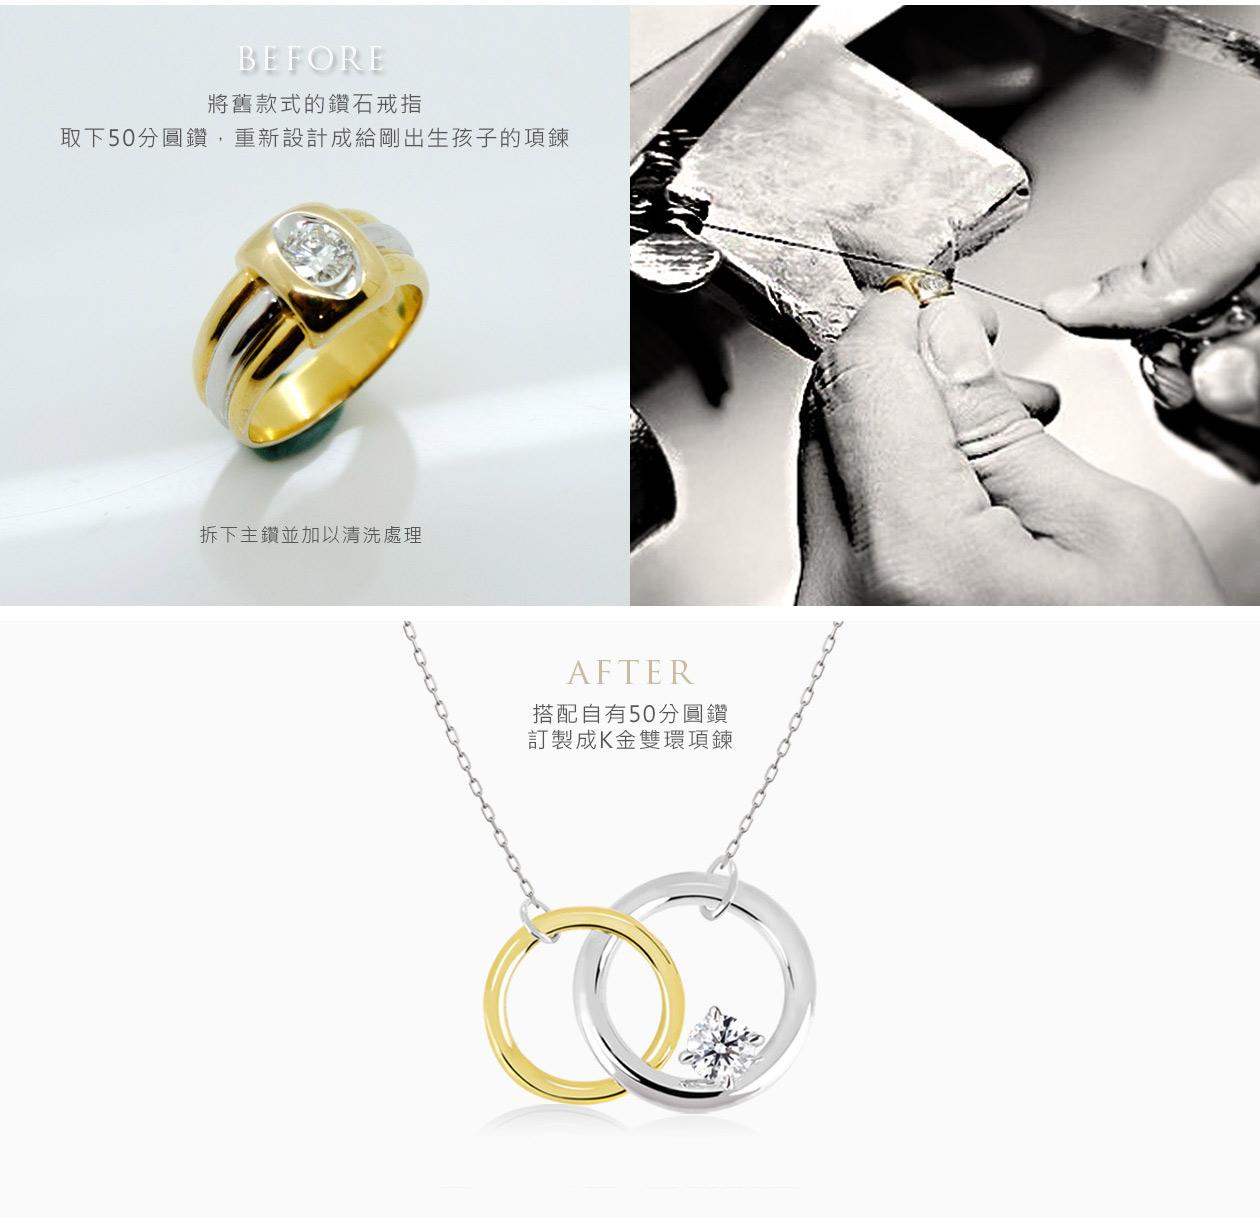 鑽戒舊換新,新生兒鑽石雙環項鍊禮物 baby gift